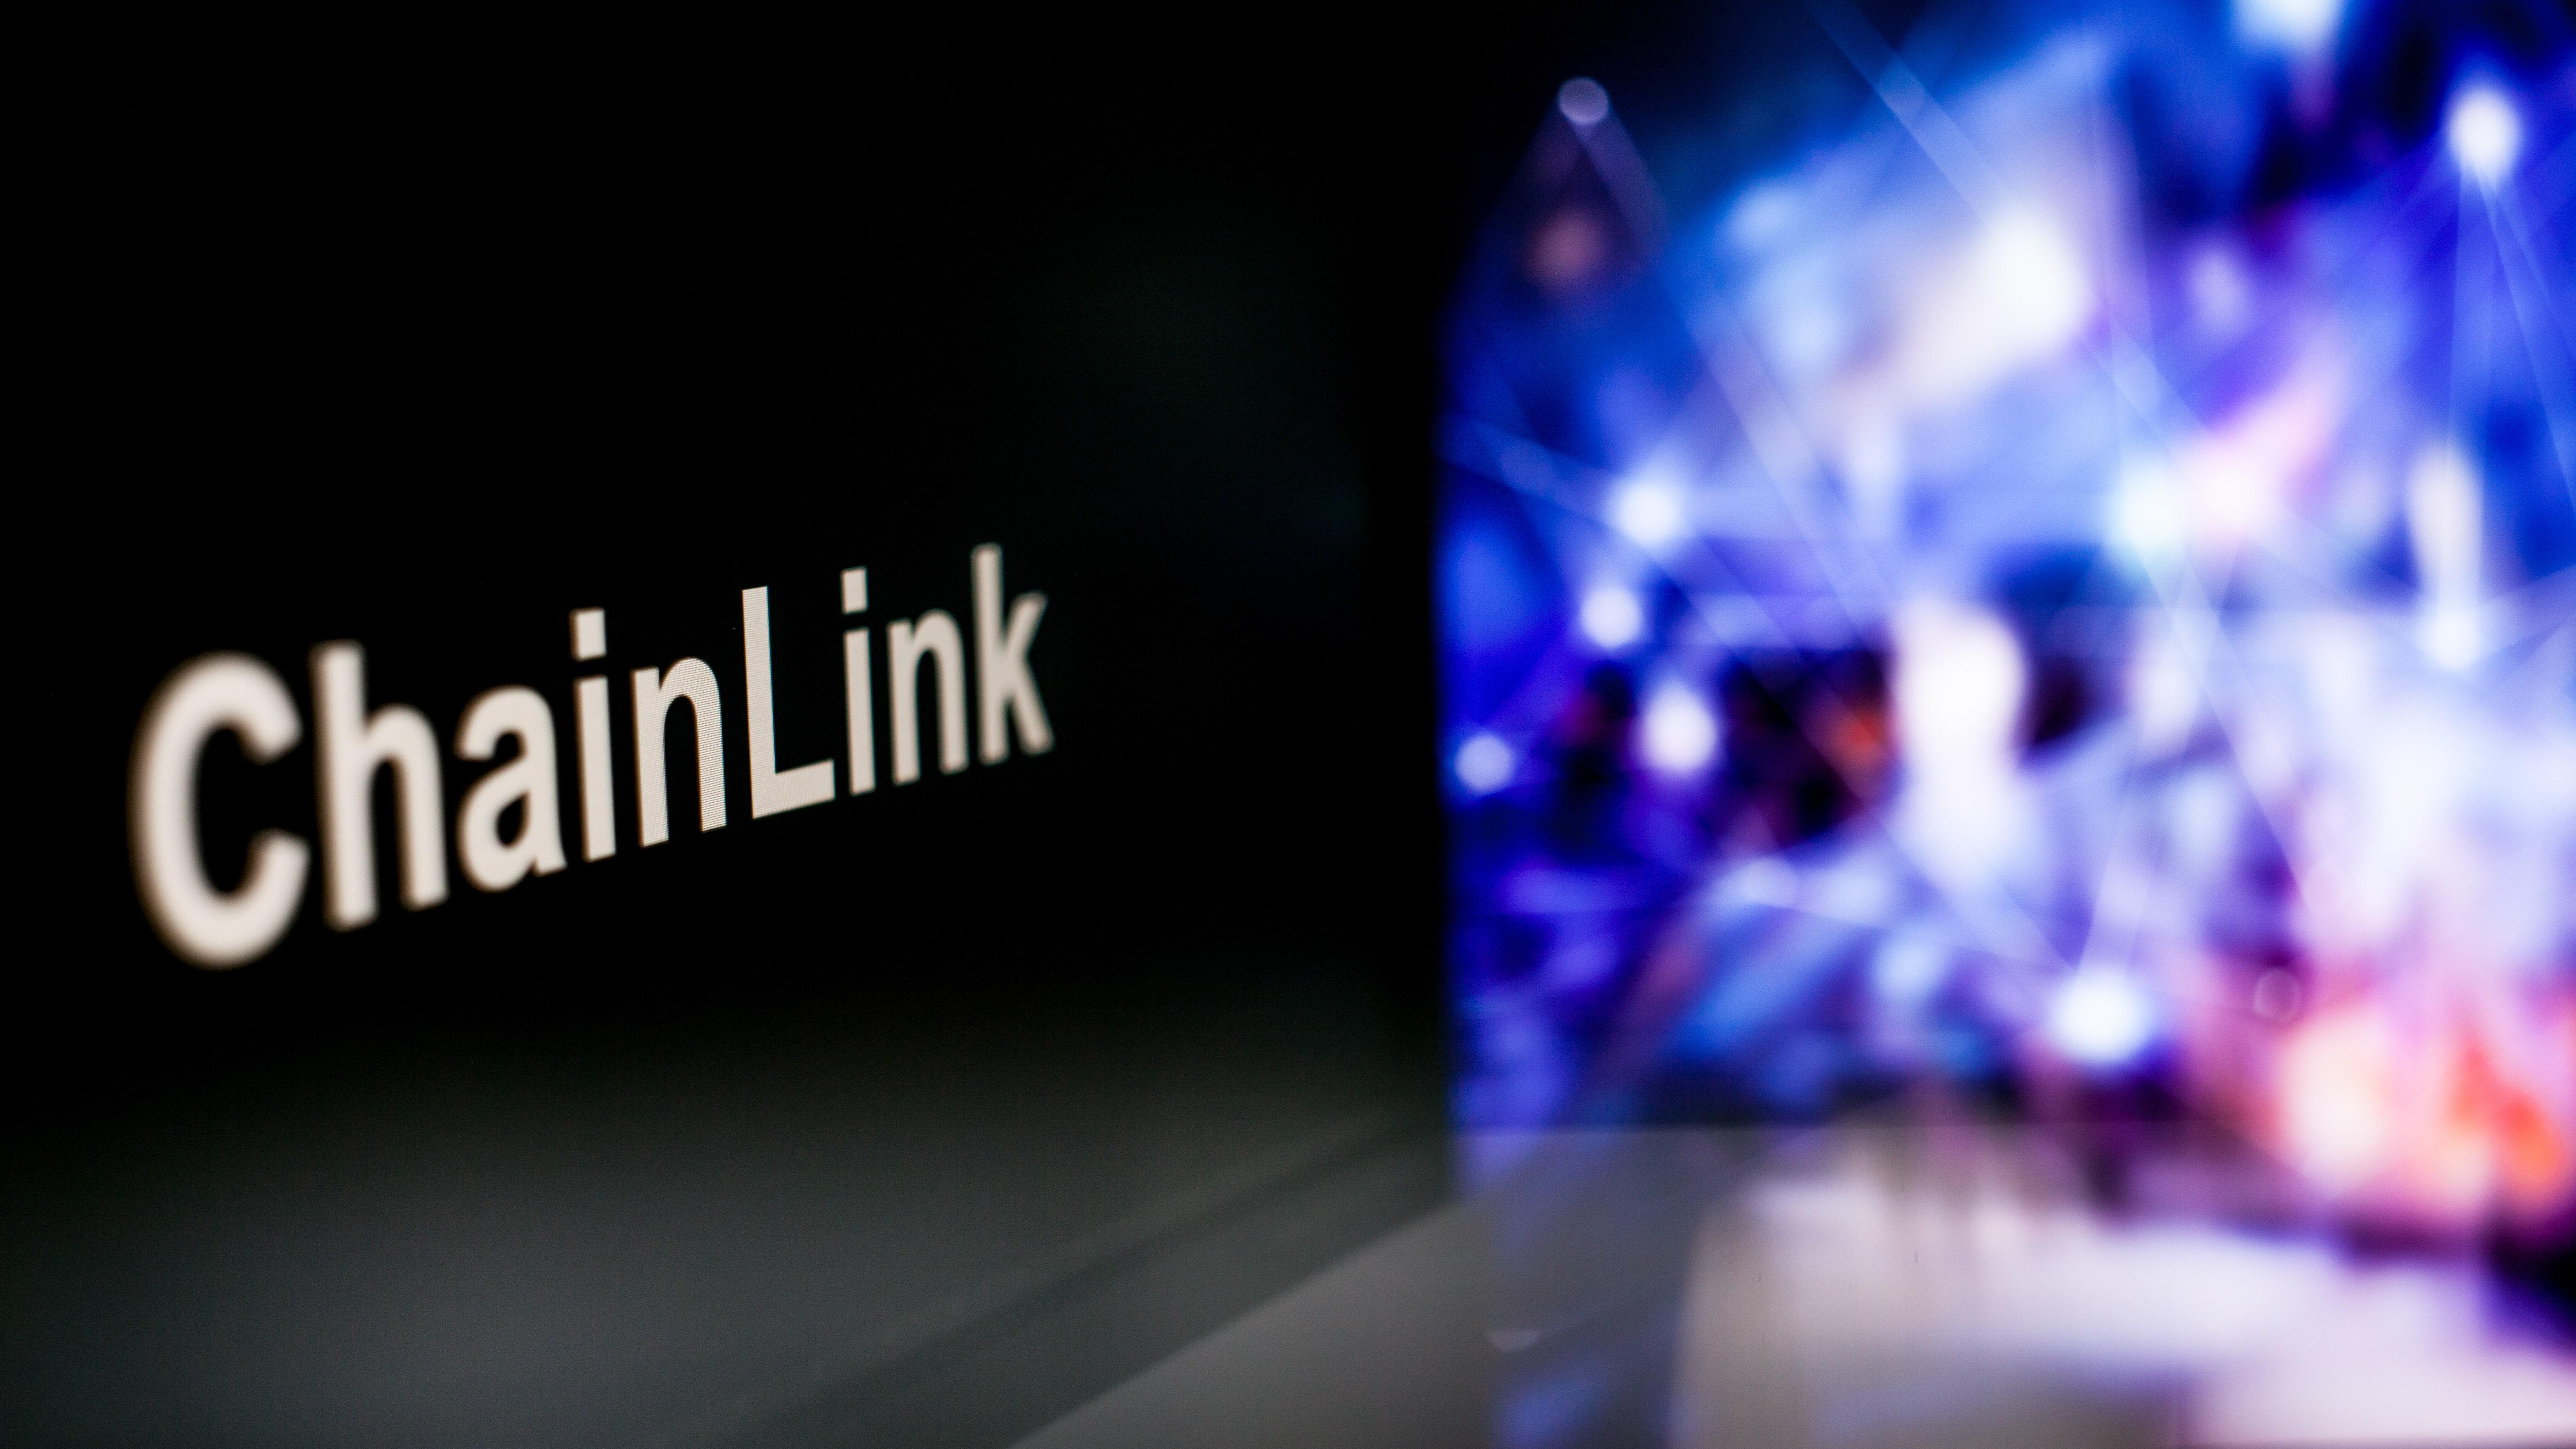 Chainlink vs Polkadot